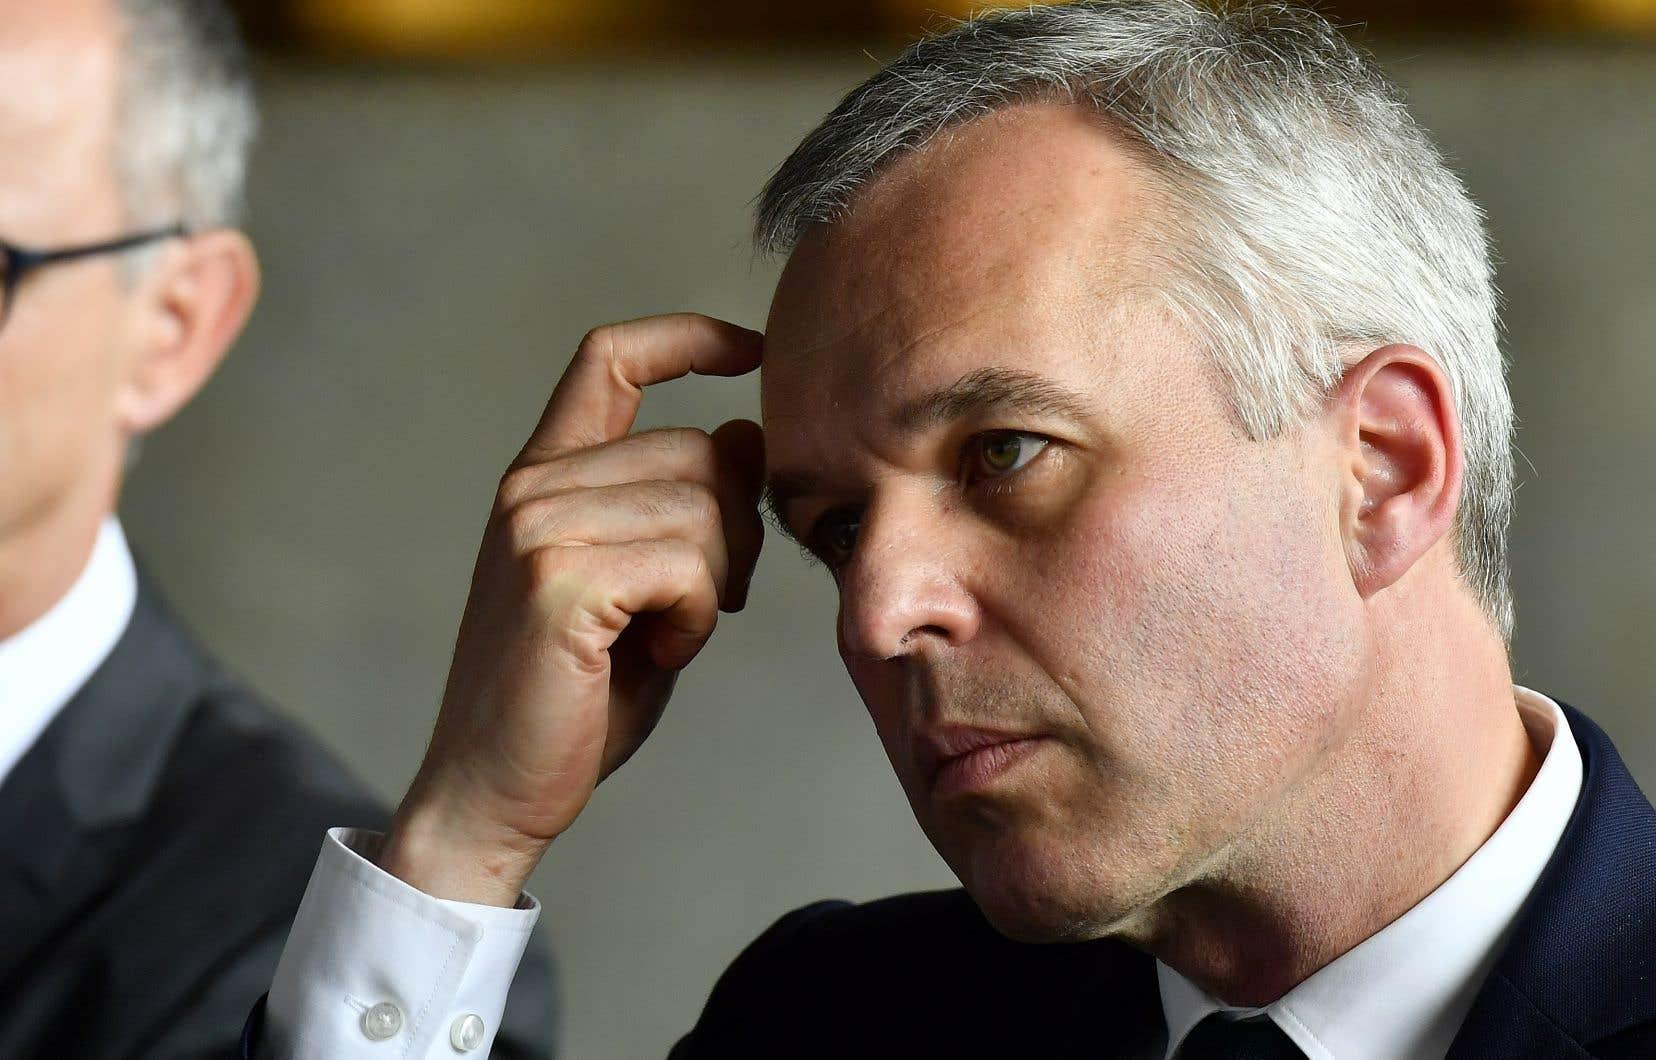 François de Rugy, président de l'Assemblée Nationale française à l'époque,s'est défendu en expliquant que ces «dîners informels» faisaient partie d'un «travail de représentation» au titre de ses fonctions et a niétoute «soirée fastueuse».